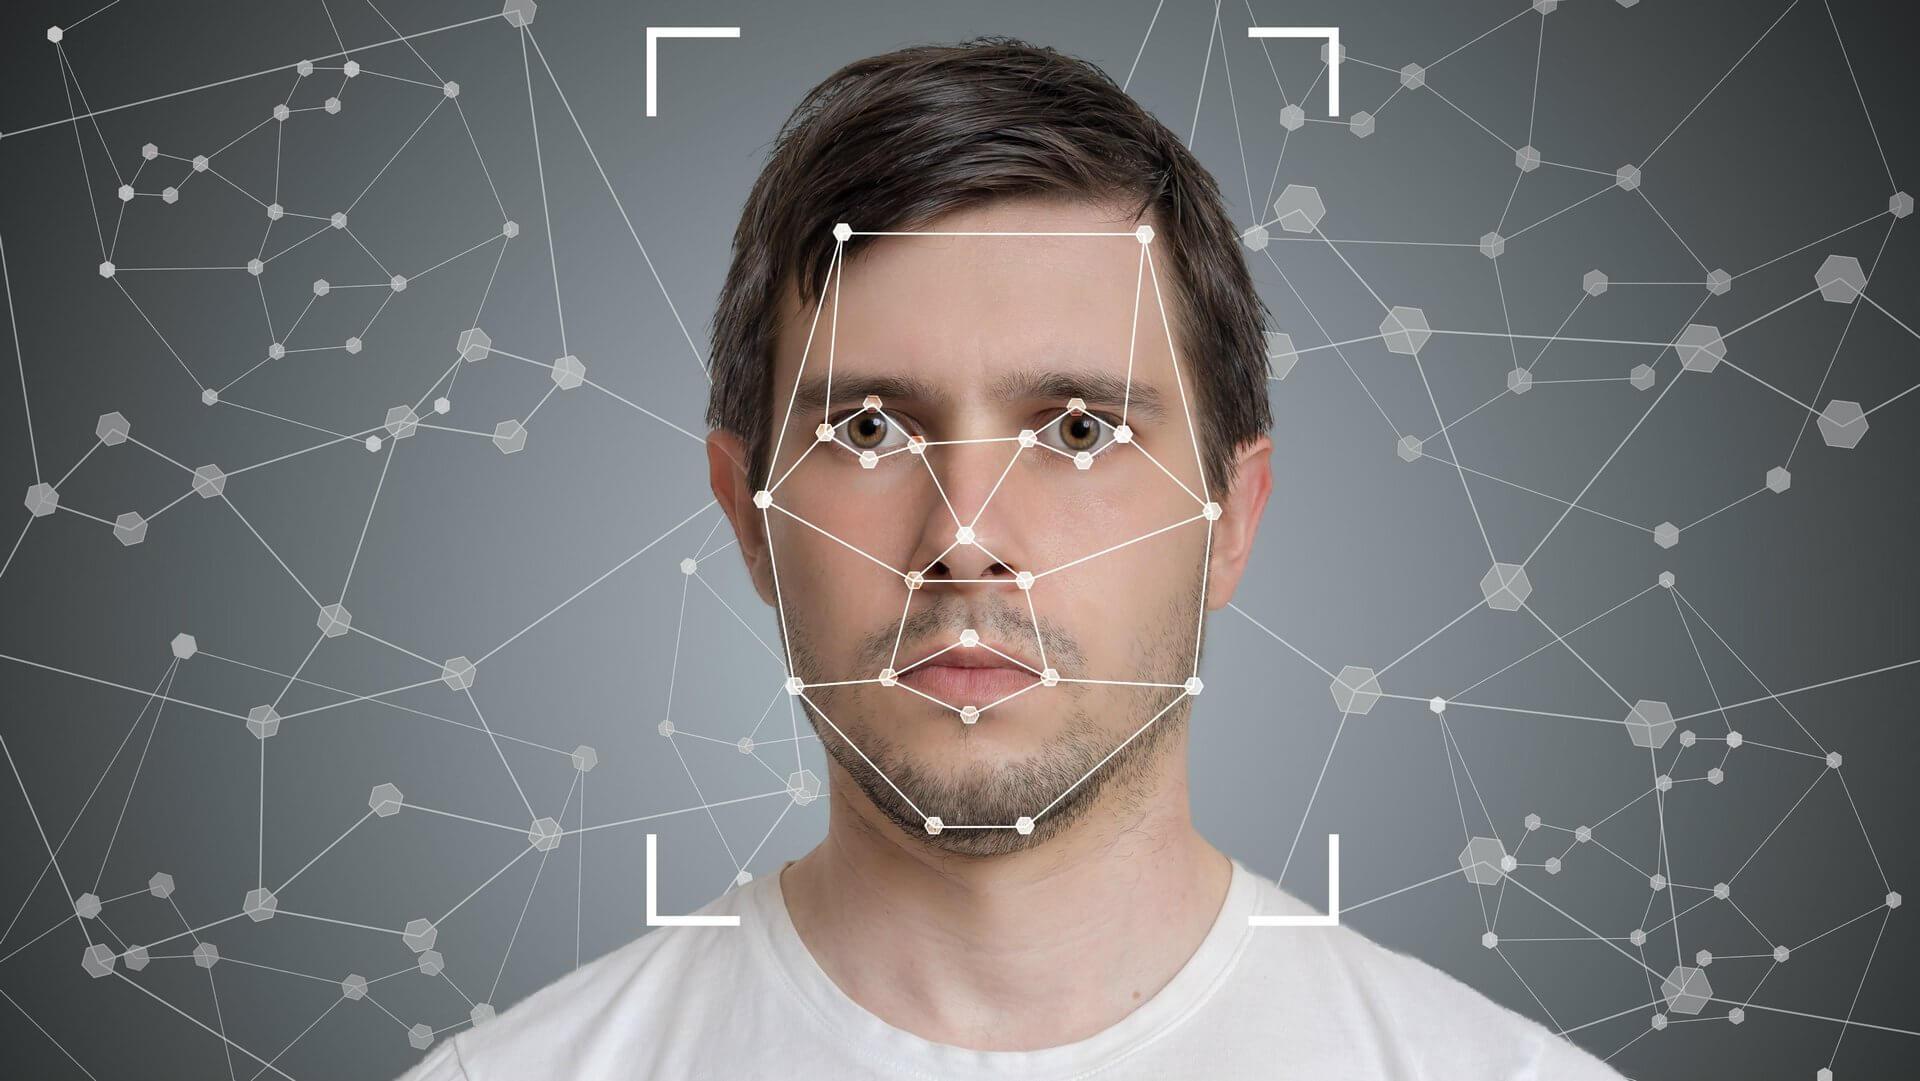 Google нашла любопытное применение технологии распознавания лиц